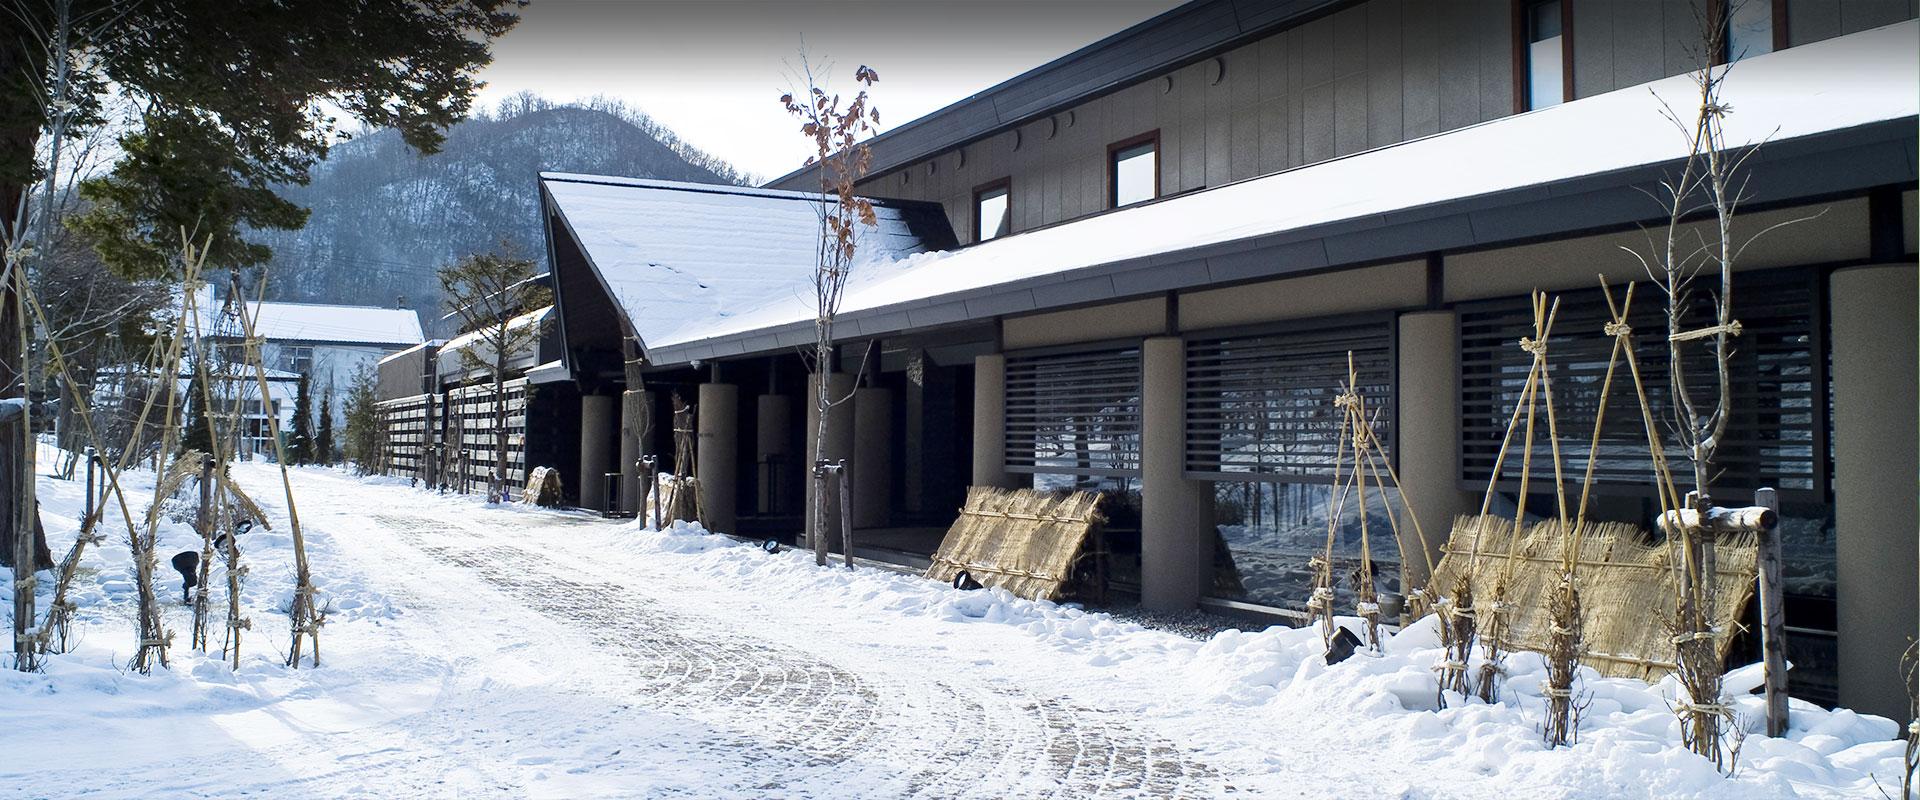 支笏湖鶴雅休閒渡假溫泉SPA飯店 水之謌